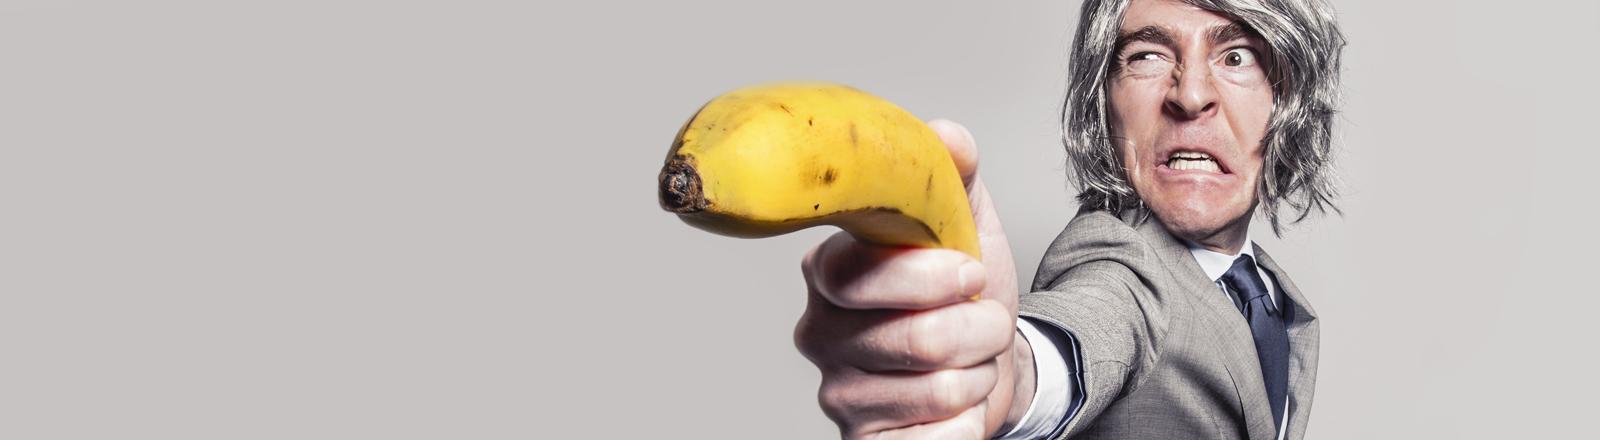 Mann hält Banane wie eine Pistole in der Hand